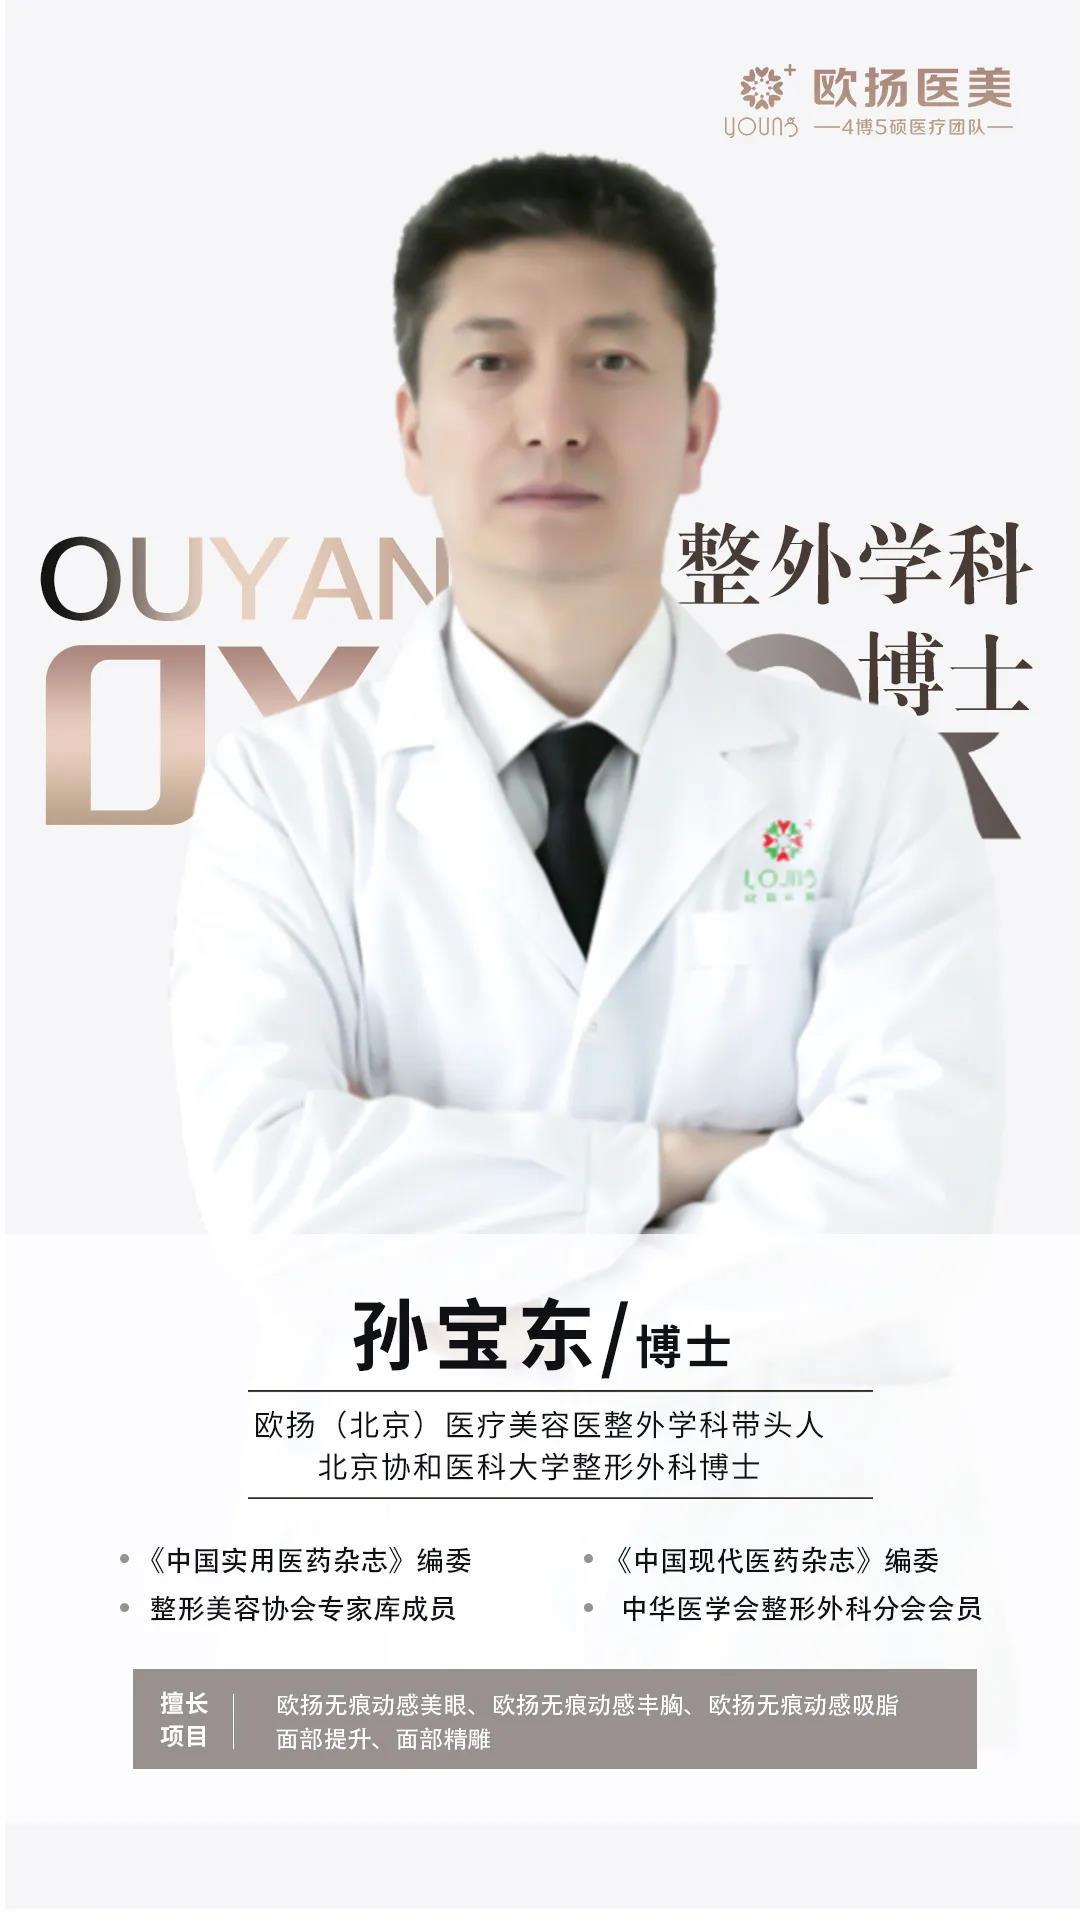 北京欧扬减肥瘦身项目有哪些?钻石精致雕刻是什么?